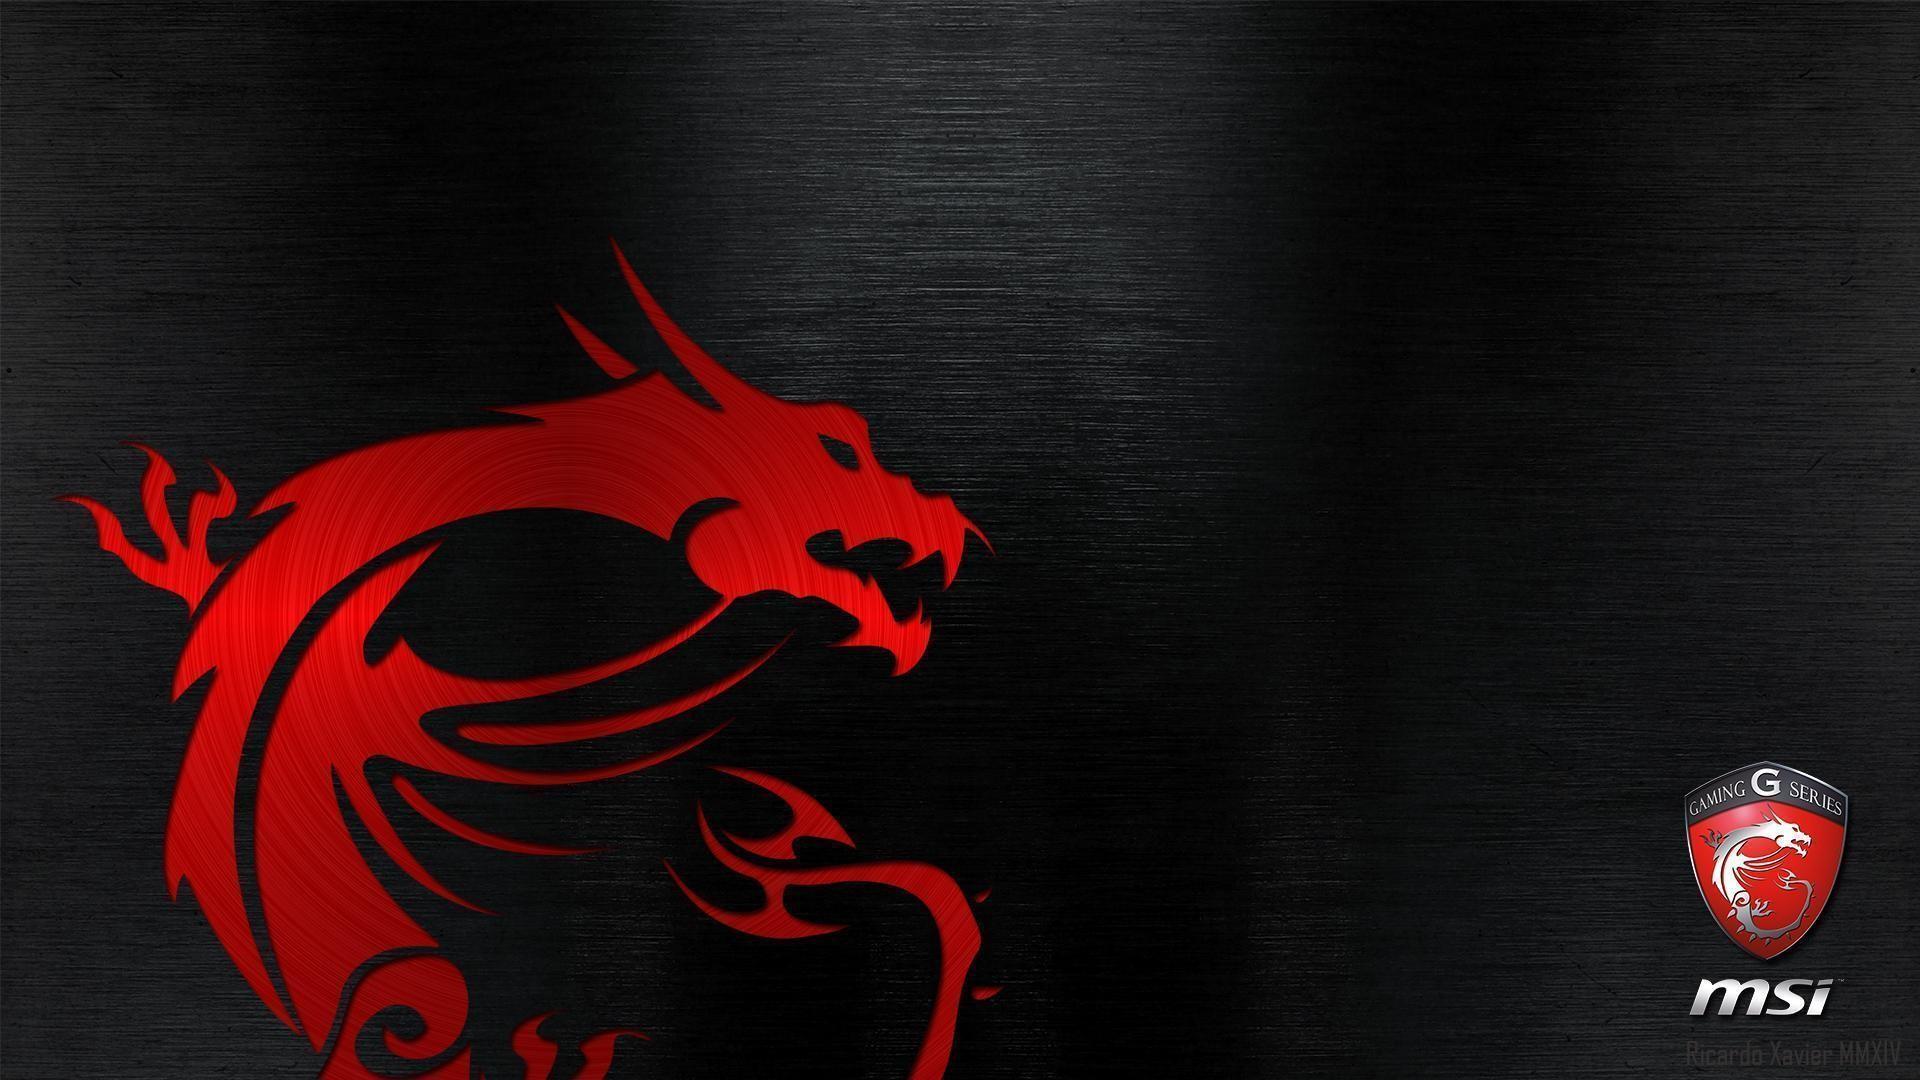 MSI Dragon Wallpaper 76 images